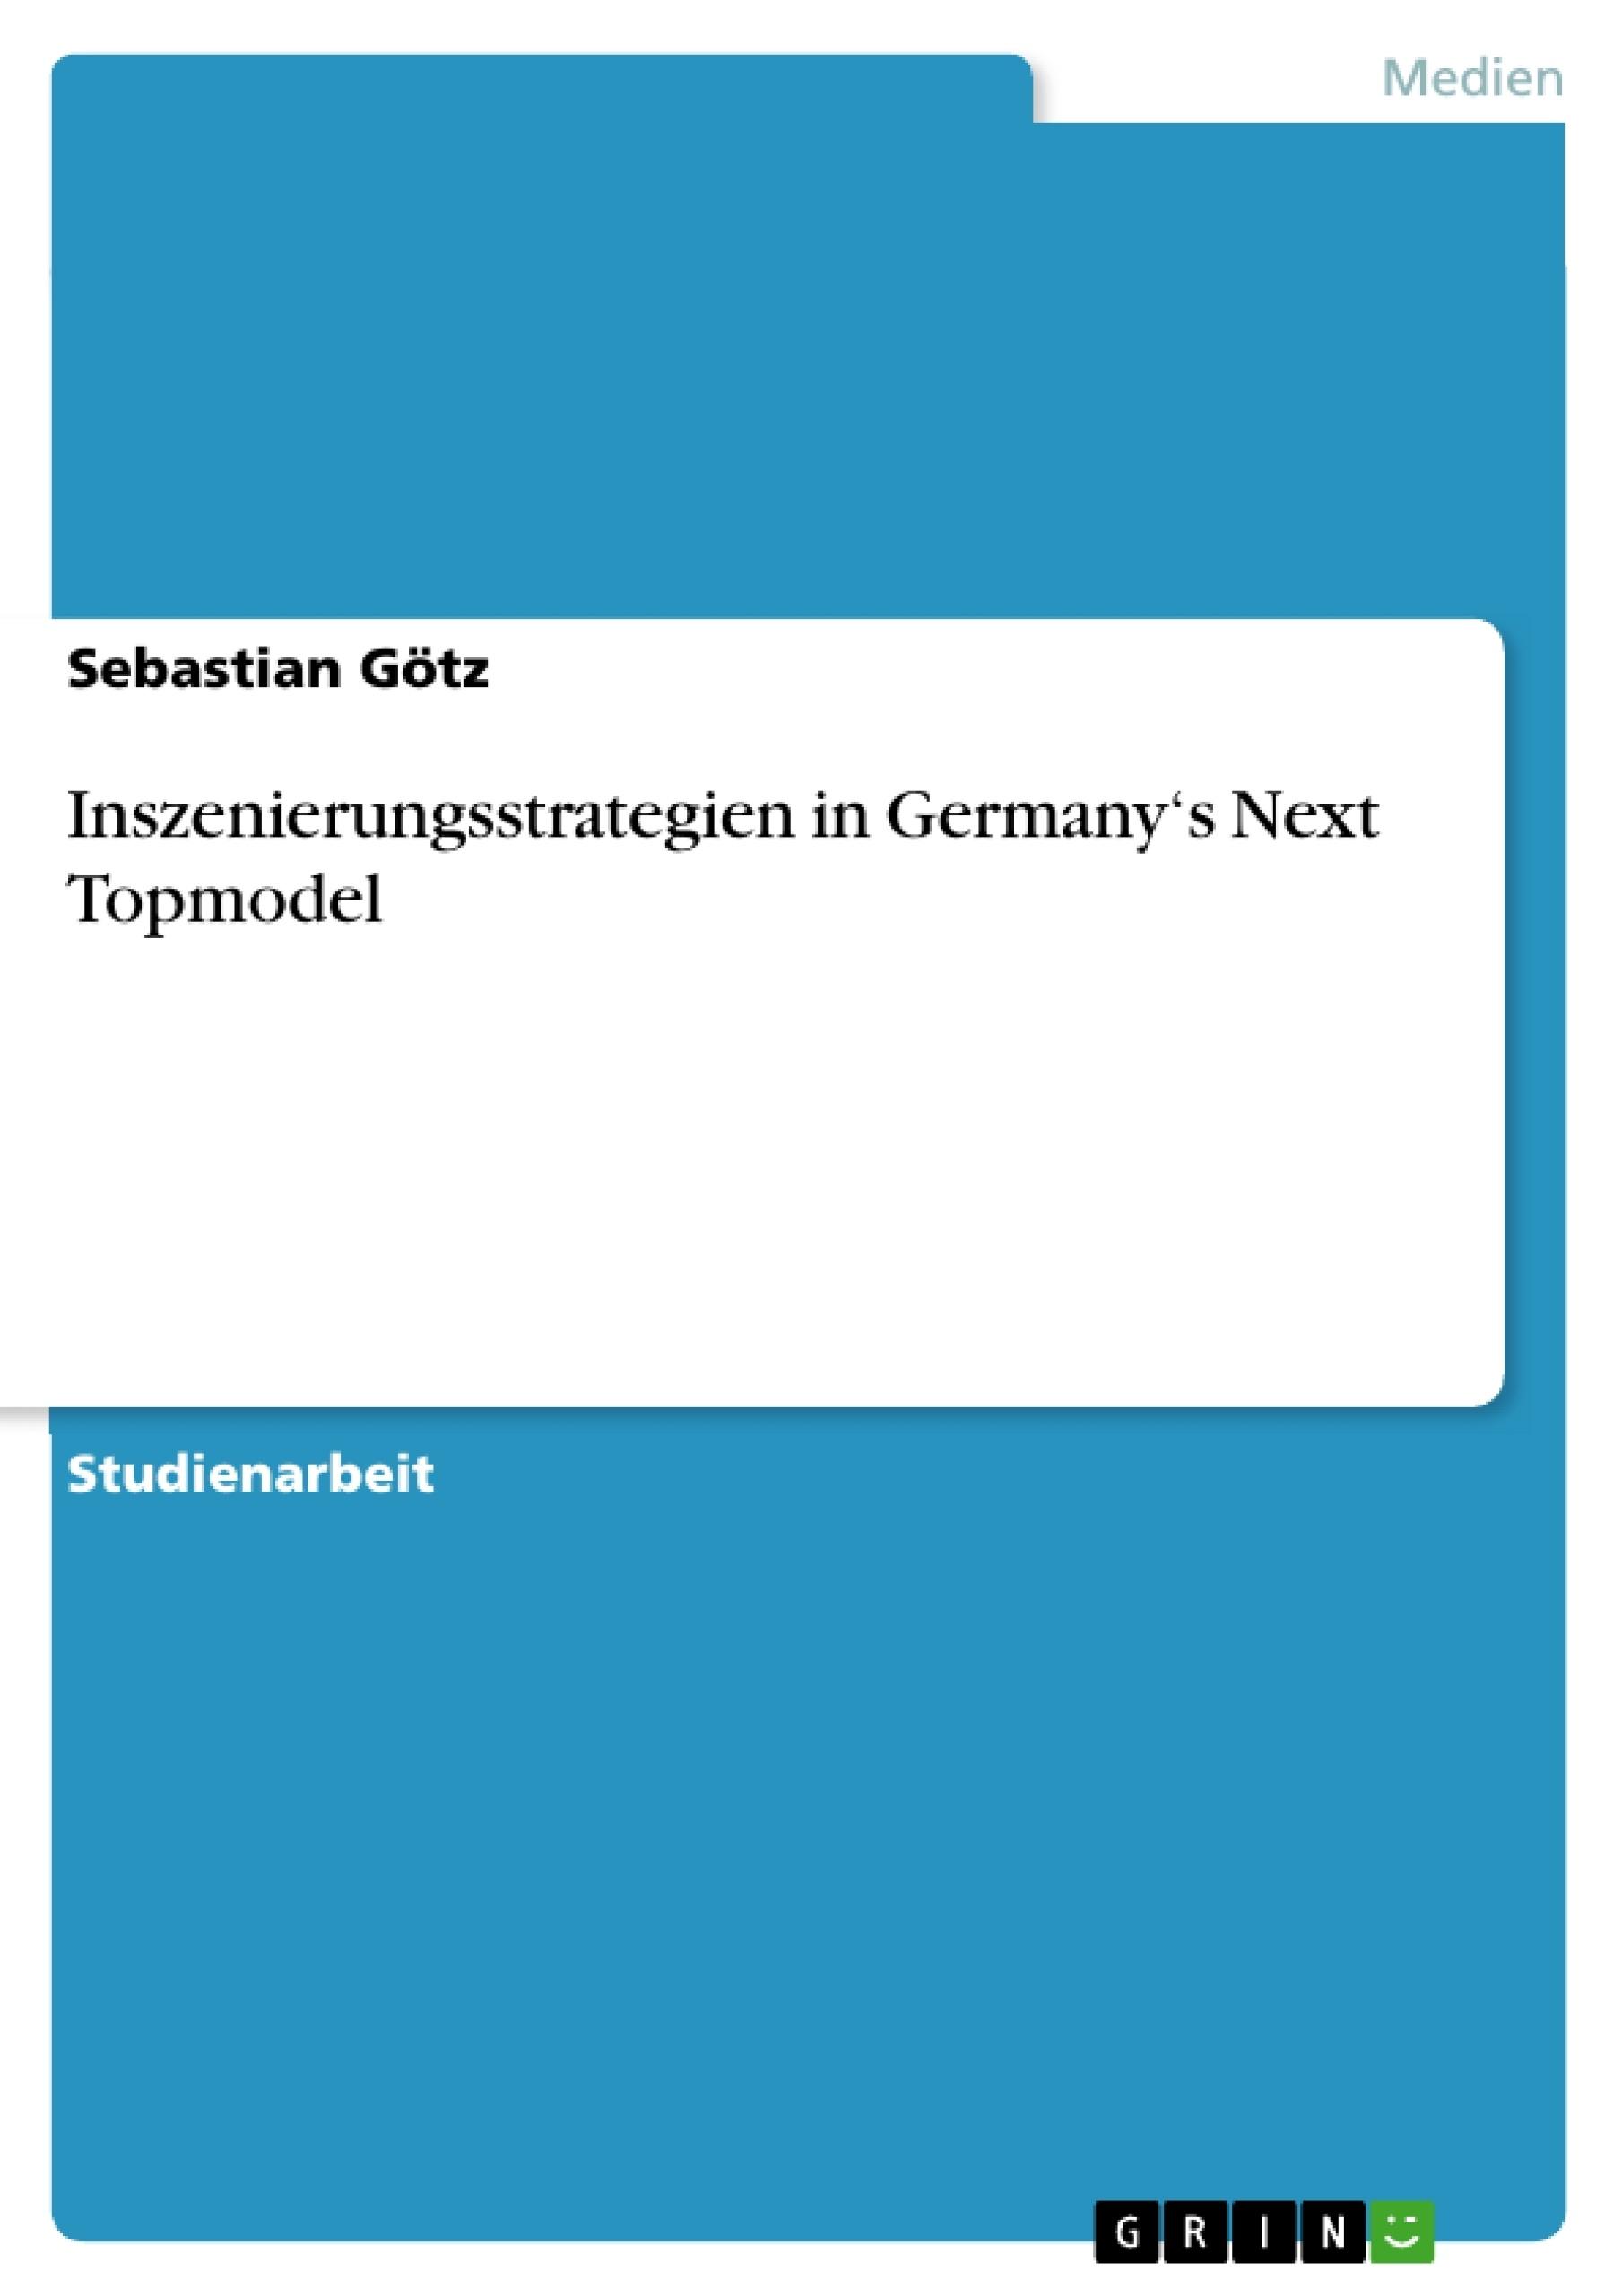 Titel: Inszenierungsstrategien in Germany's Next Topmodel